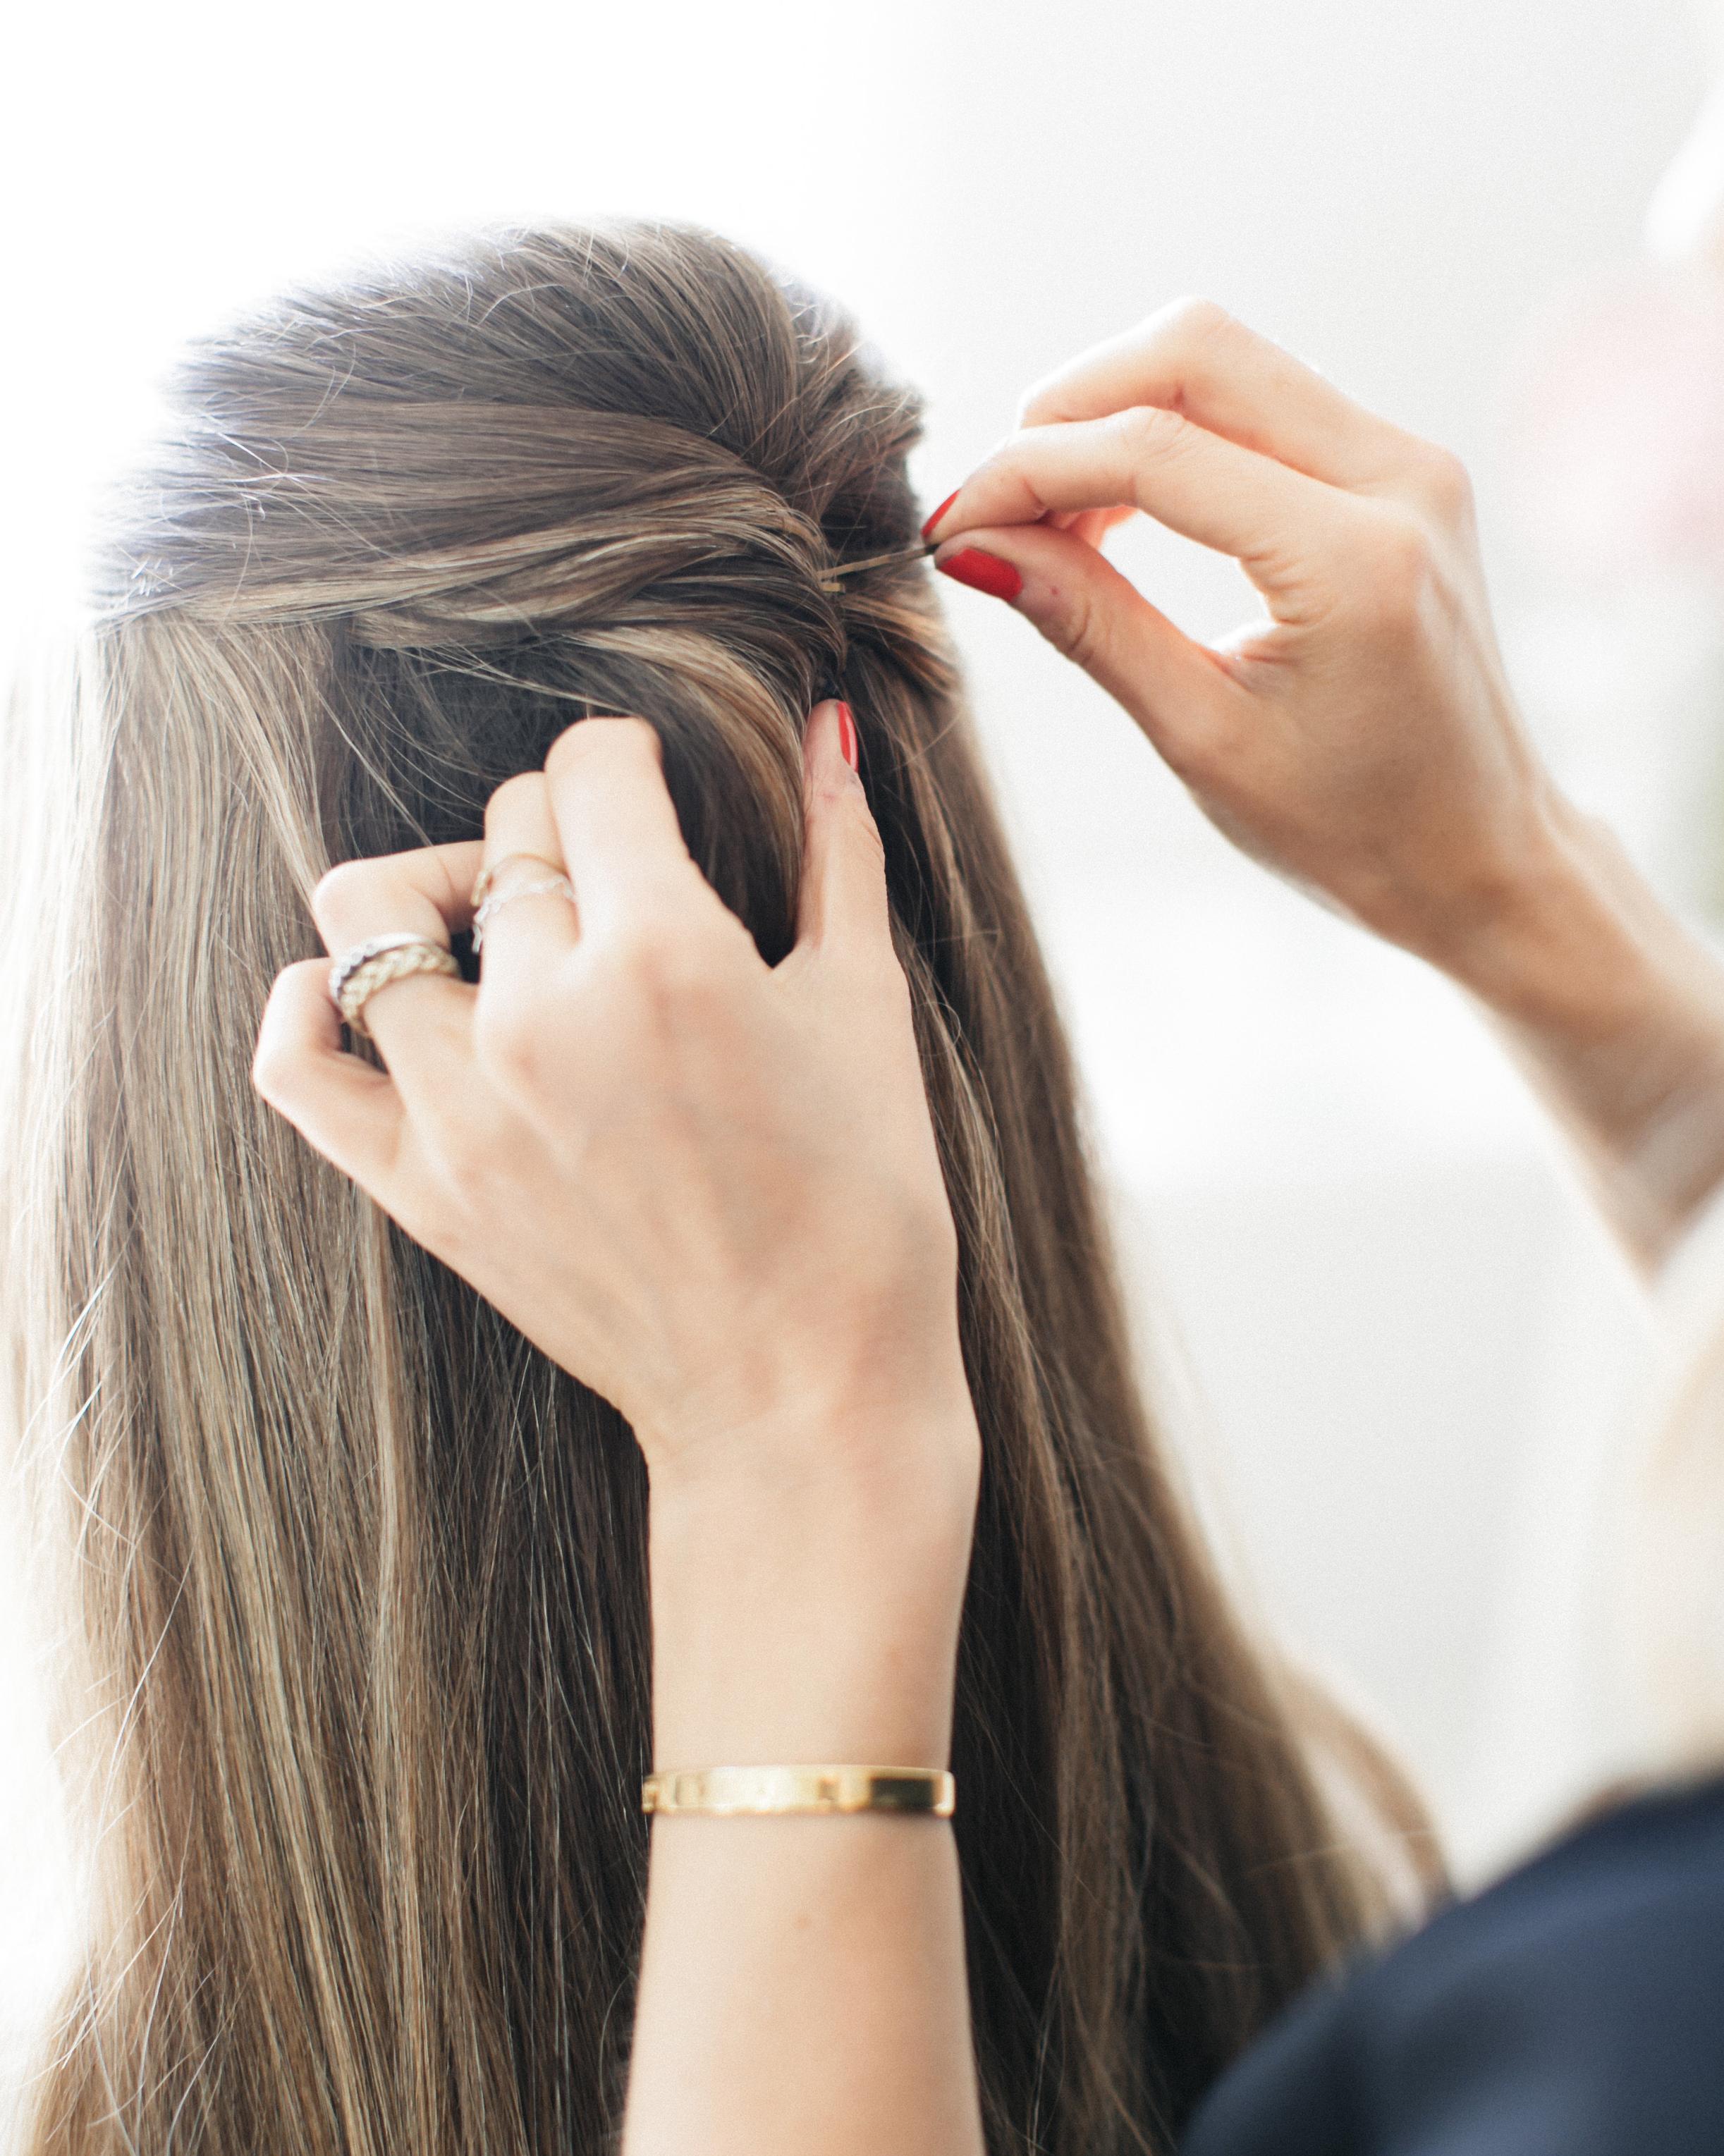 jenny-bernheim-beauty-hair-108-s112662-1015.jpg